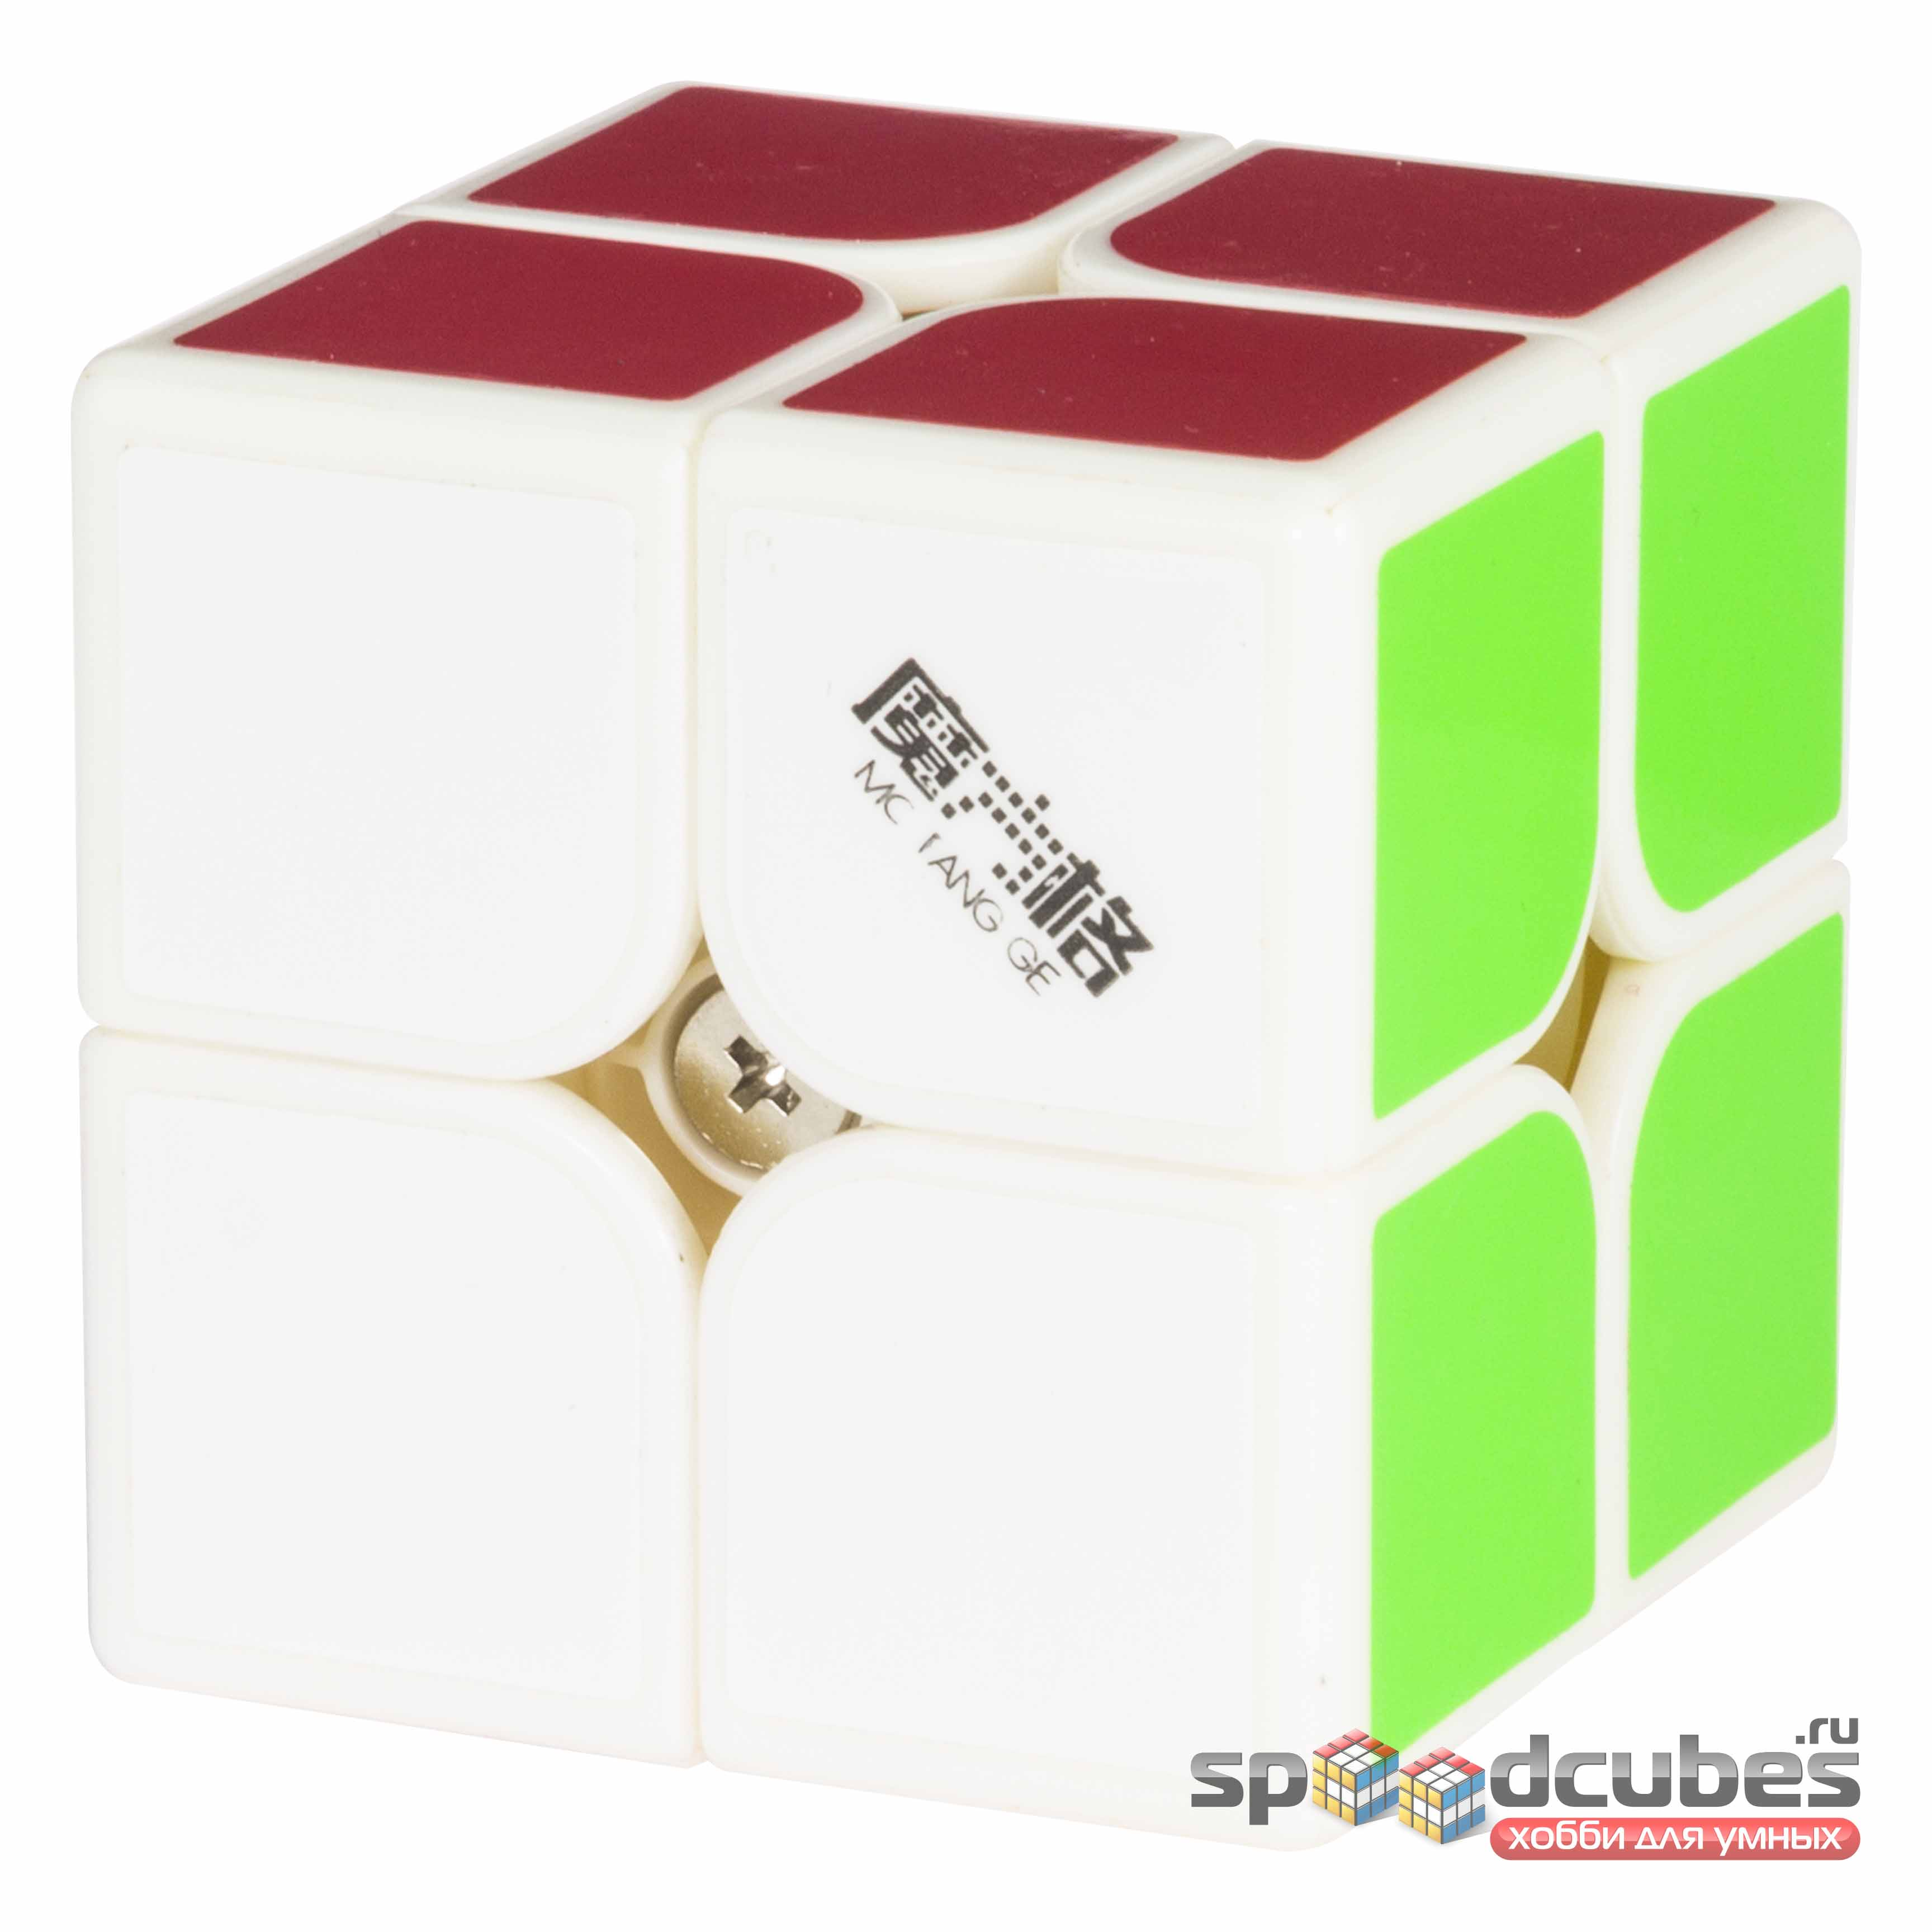 QiYi (MoFangGe) 2x2x2 WuXia White 2